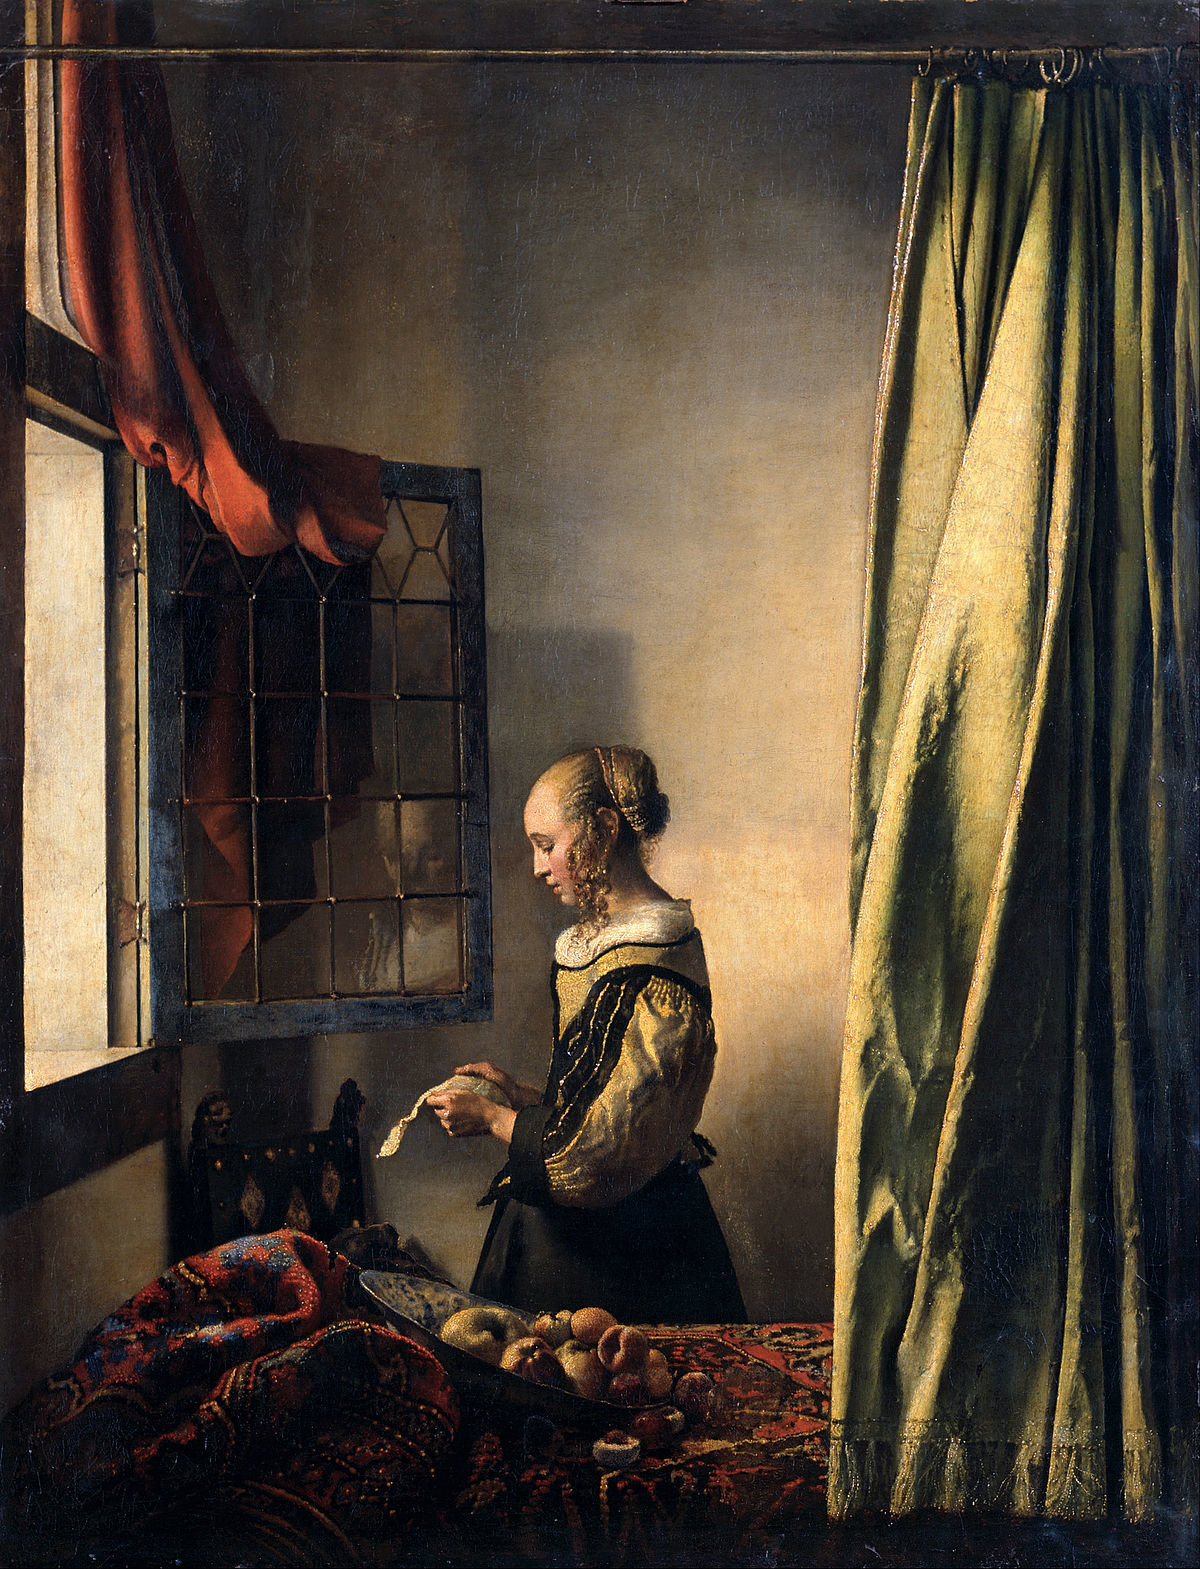 Αποτέλεσμα εικόνας για κοριτσι που διαβαζει γραμμα μπροστα απο ανοιχτο παραθυρο